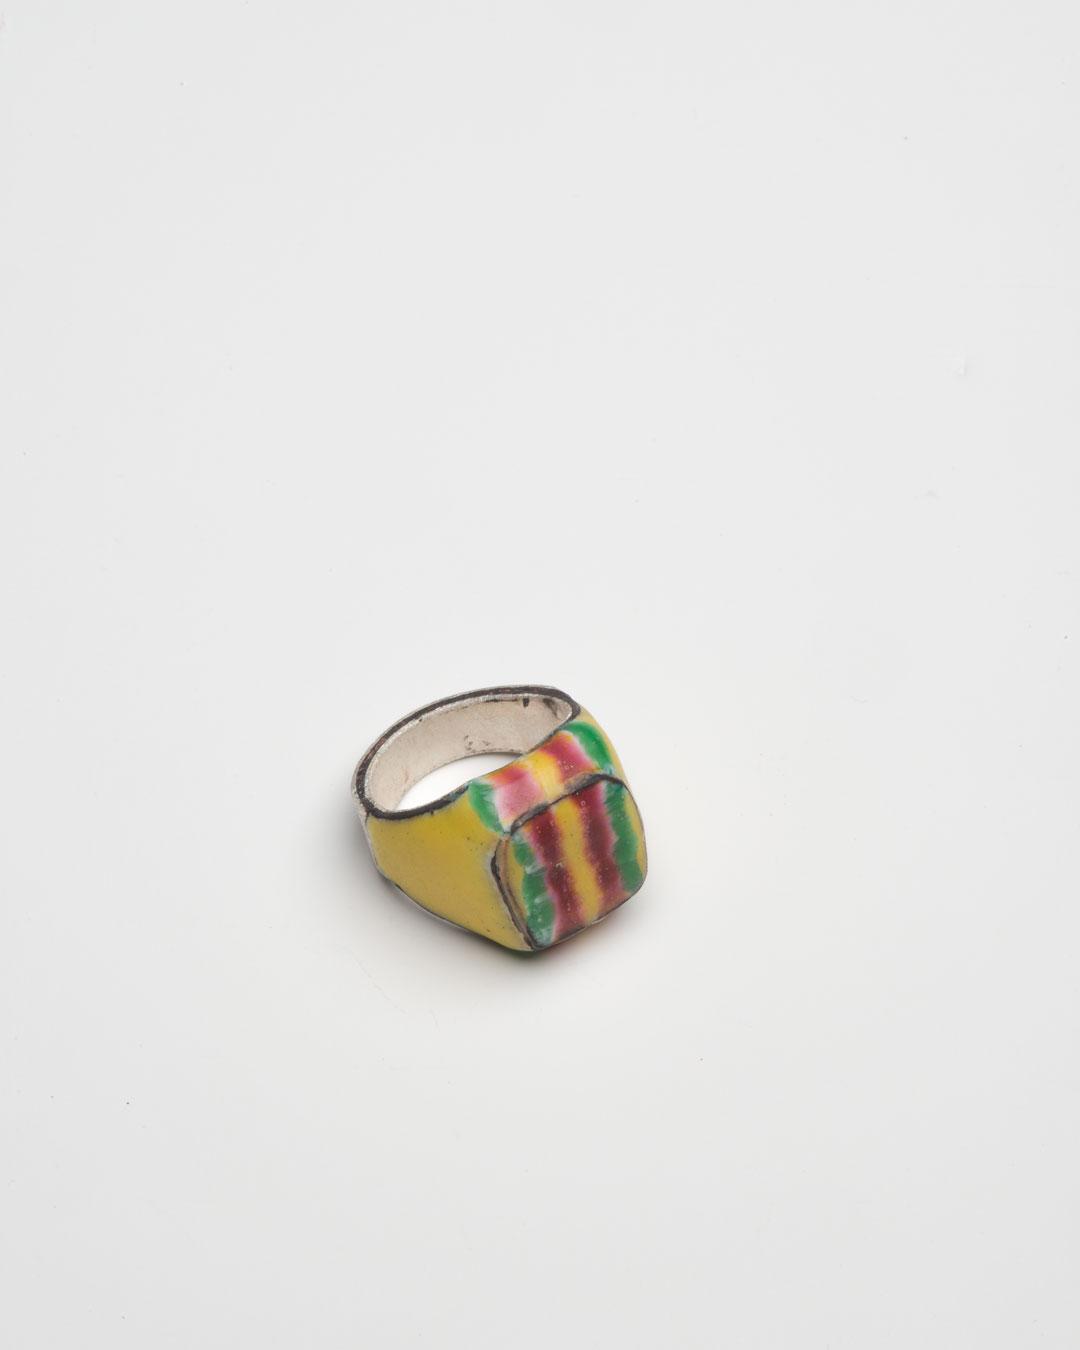 Aaron Decker, Stripes, 2018, ring; enamel, copper, silver 25 x 21 x 18 mm, €1000